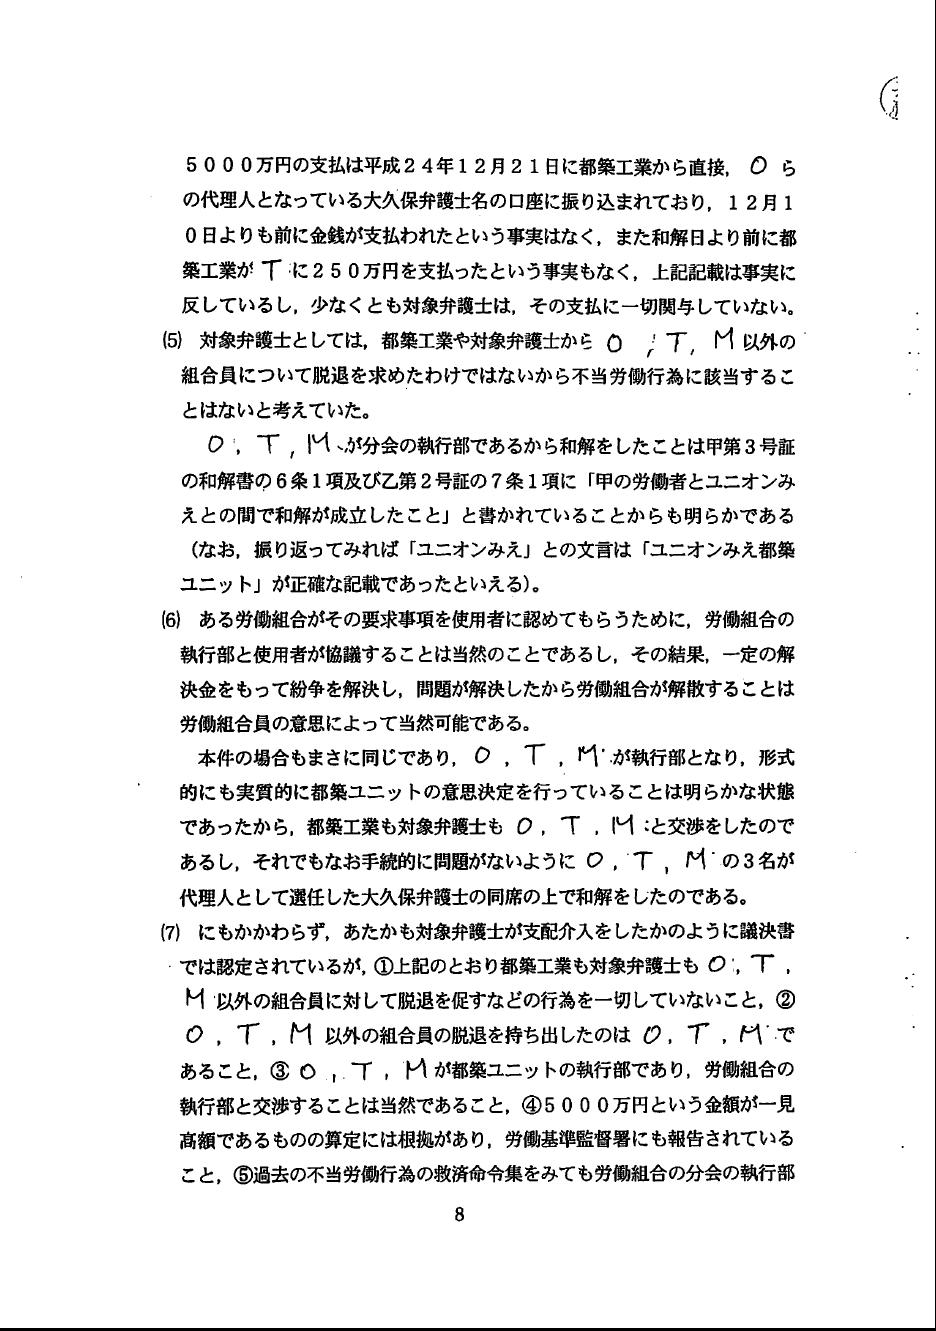 原武之弁護士懲戒10